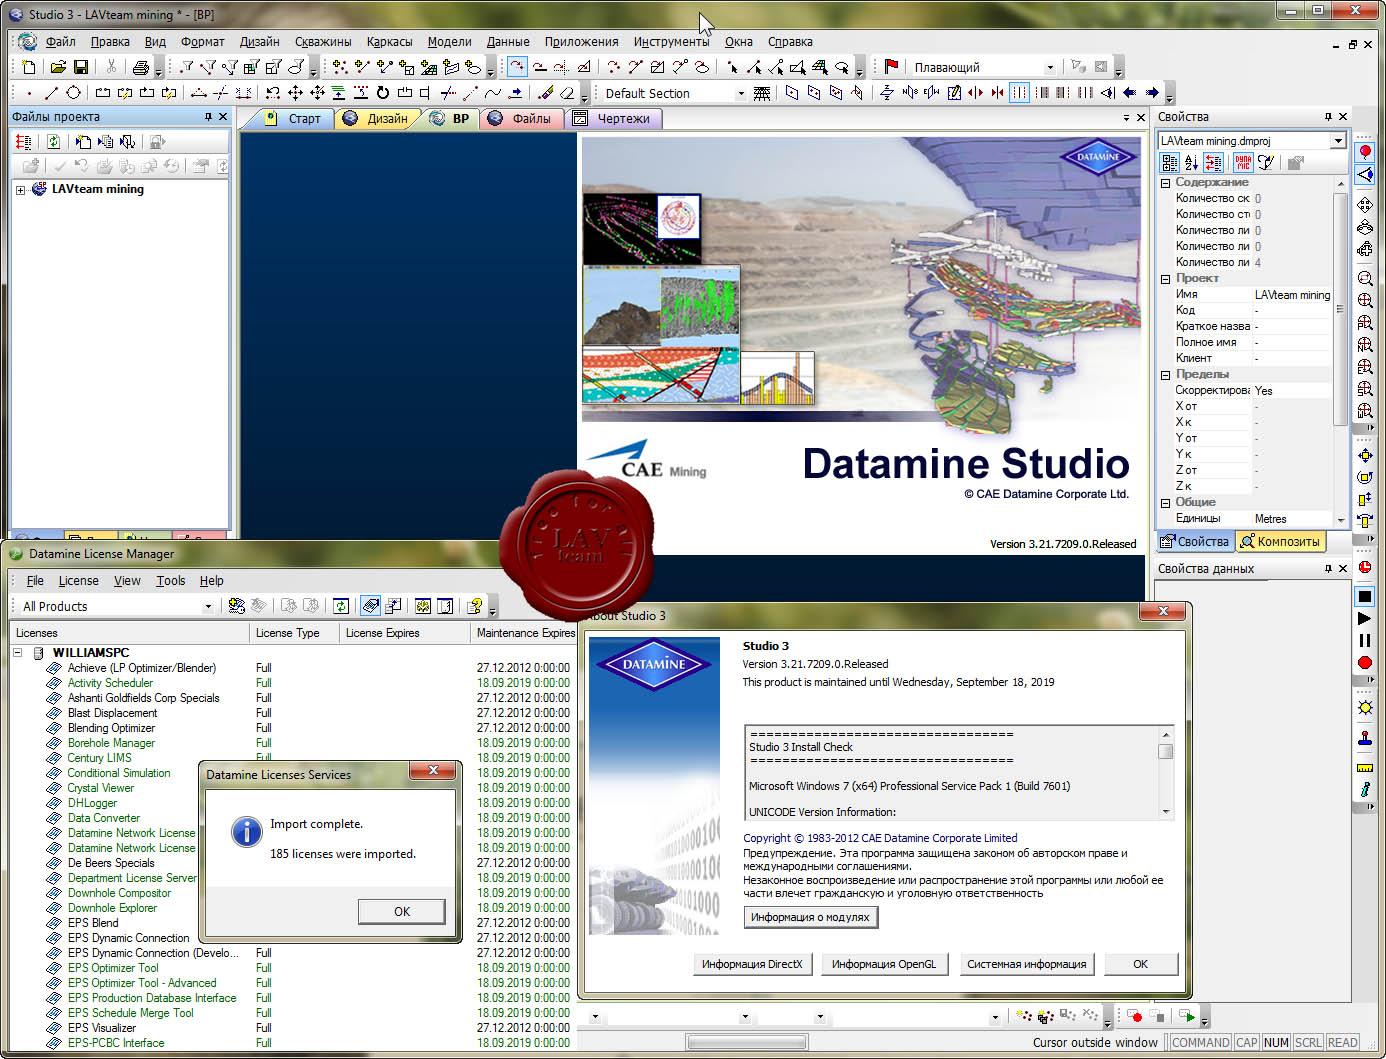 Working with CAE Datamine Studio 3.21.7164.0 x86 x64 full